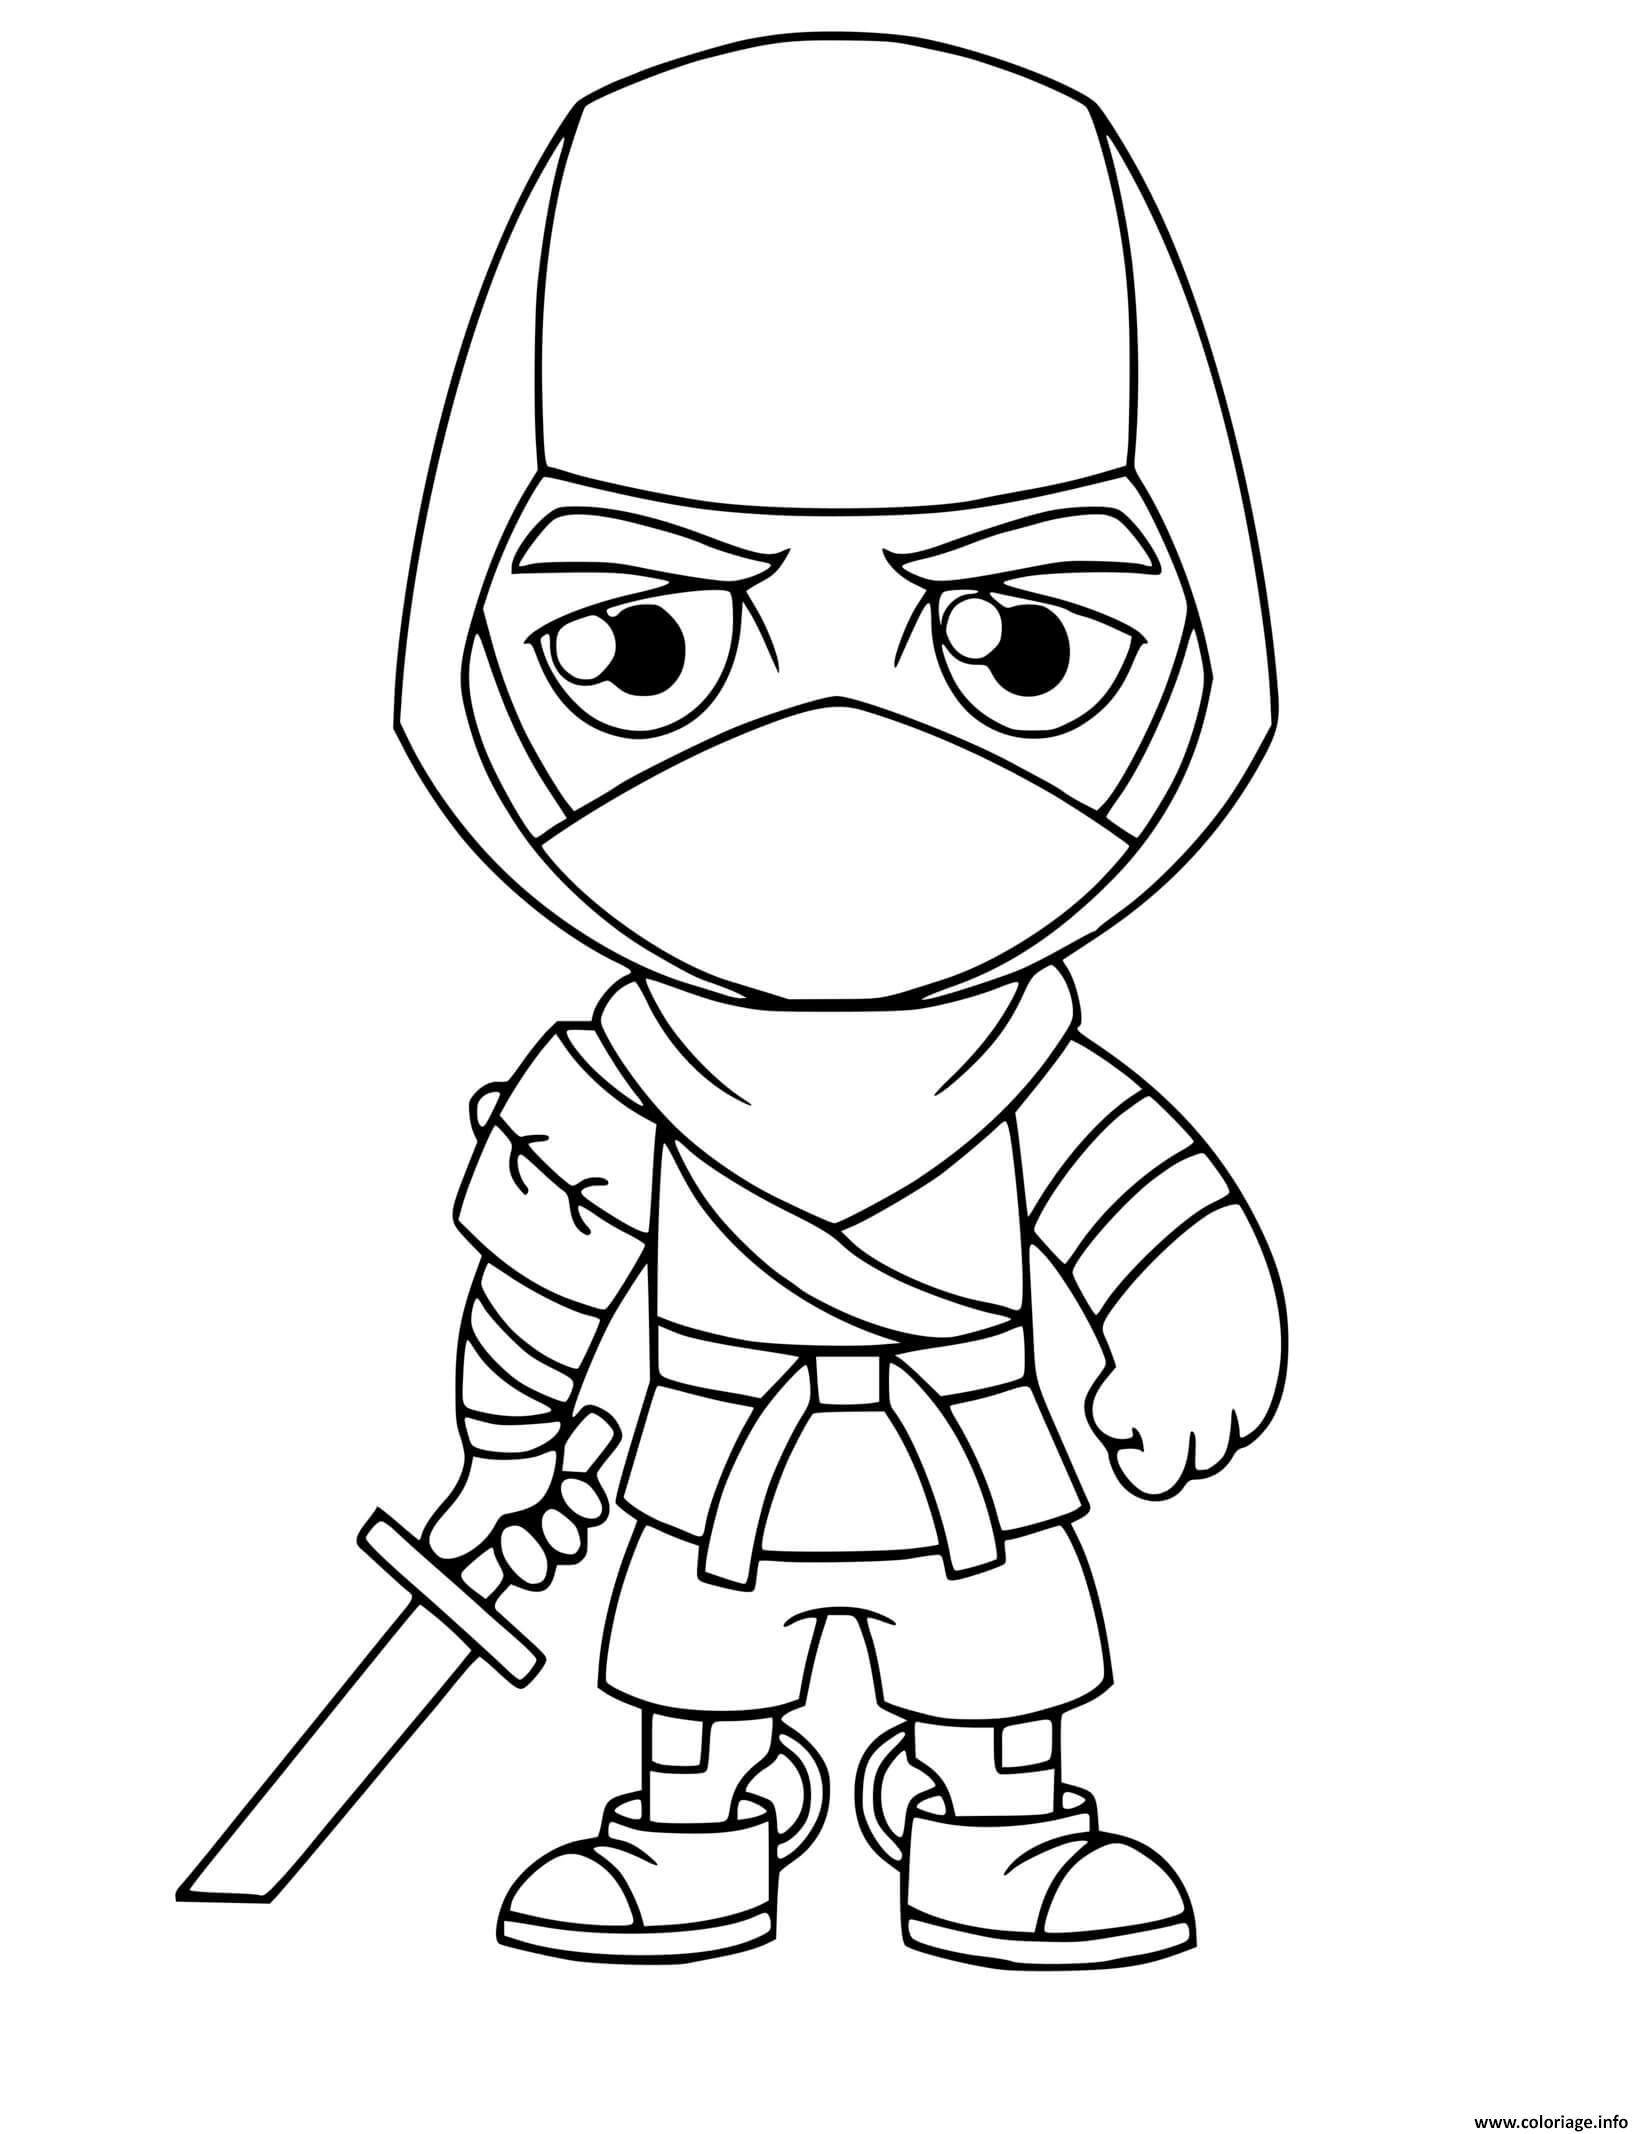 Dessin ninja fortnite espions Coloriage Gratuit à Imprimer